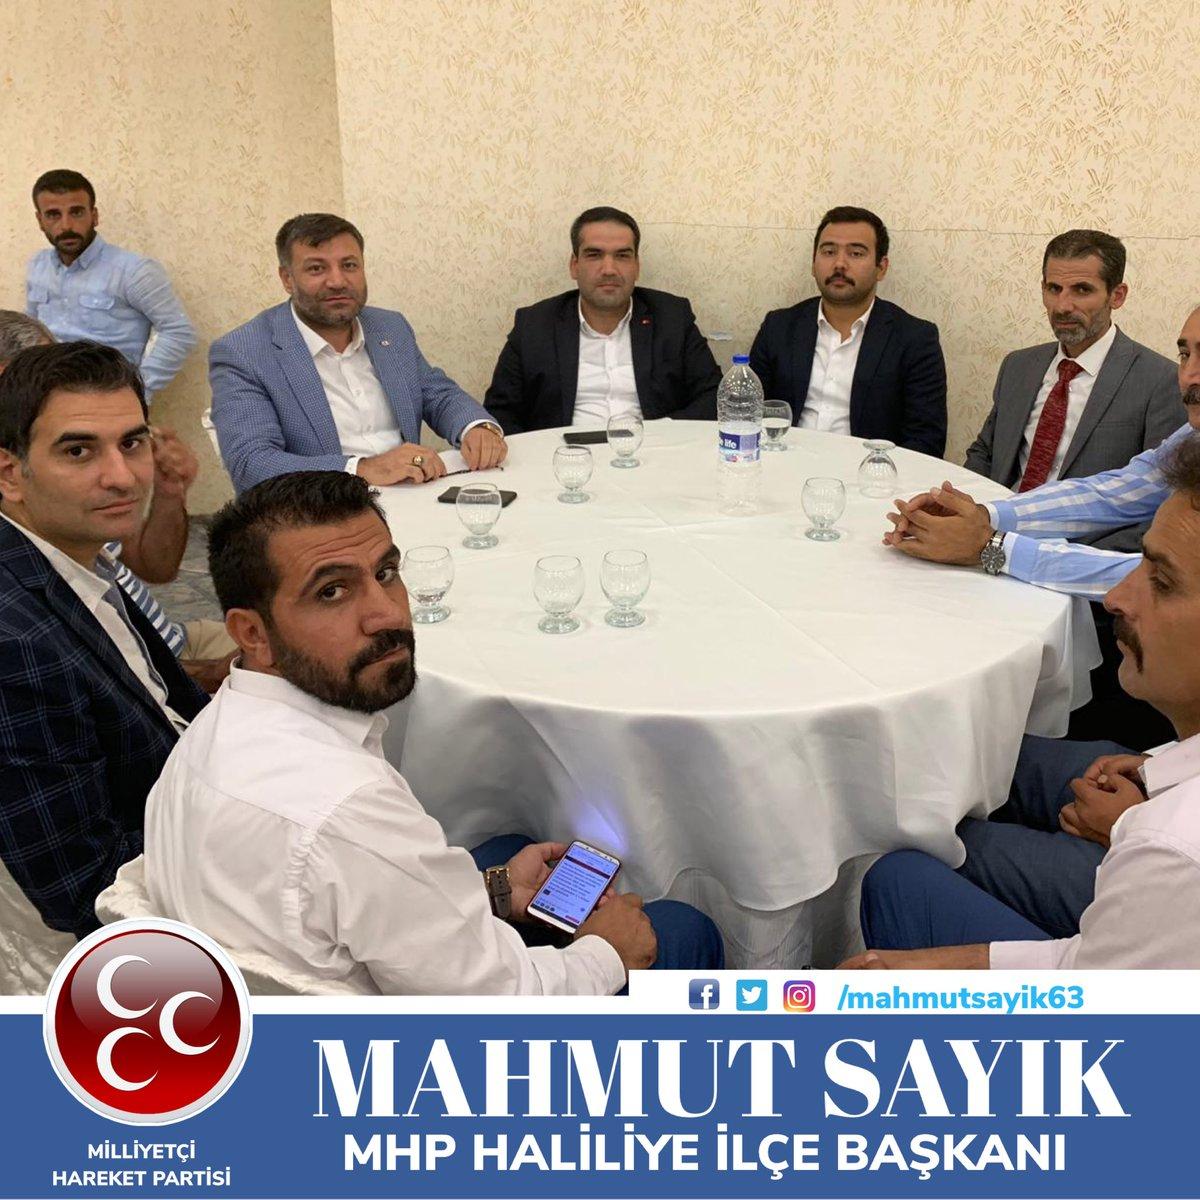 #ÜlküOcakları il başkan yardımcısı Mehmet Cenap Alpay'ın kirveliğini üstlendiği Türk Dünyası Birim başkanı Halil Uluğ' un düğün merasimine katılım sağladık.Aile saadetine kavuştukları bu mutlu günlerin bir ömür sürmesini dilerim.  #MAHMUTSAYIK #MHP #HALİLİYE İLÇE BAŞKANI #Türkiye